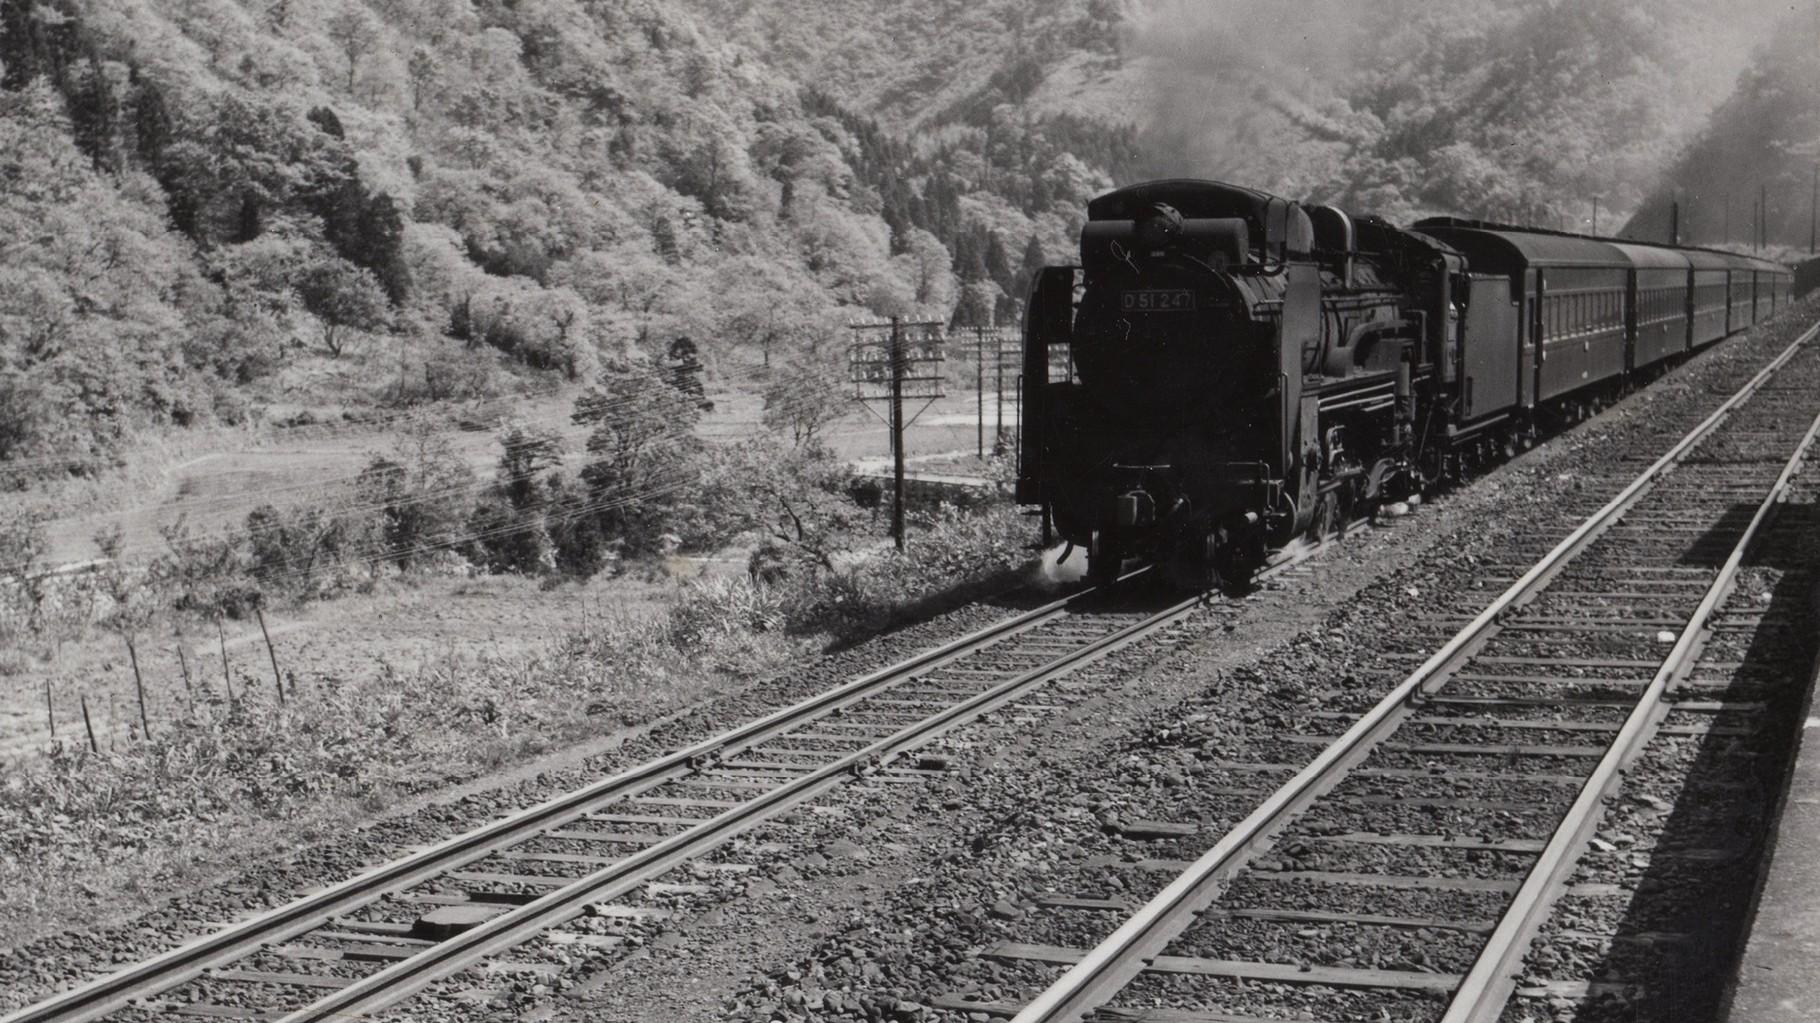 昭和37年当時、新保駅ホームから敦賀方面より着た列車を撮影したもの。